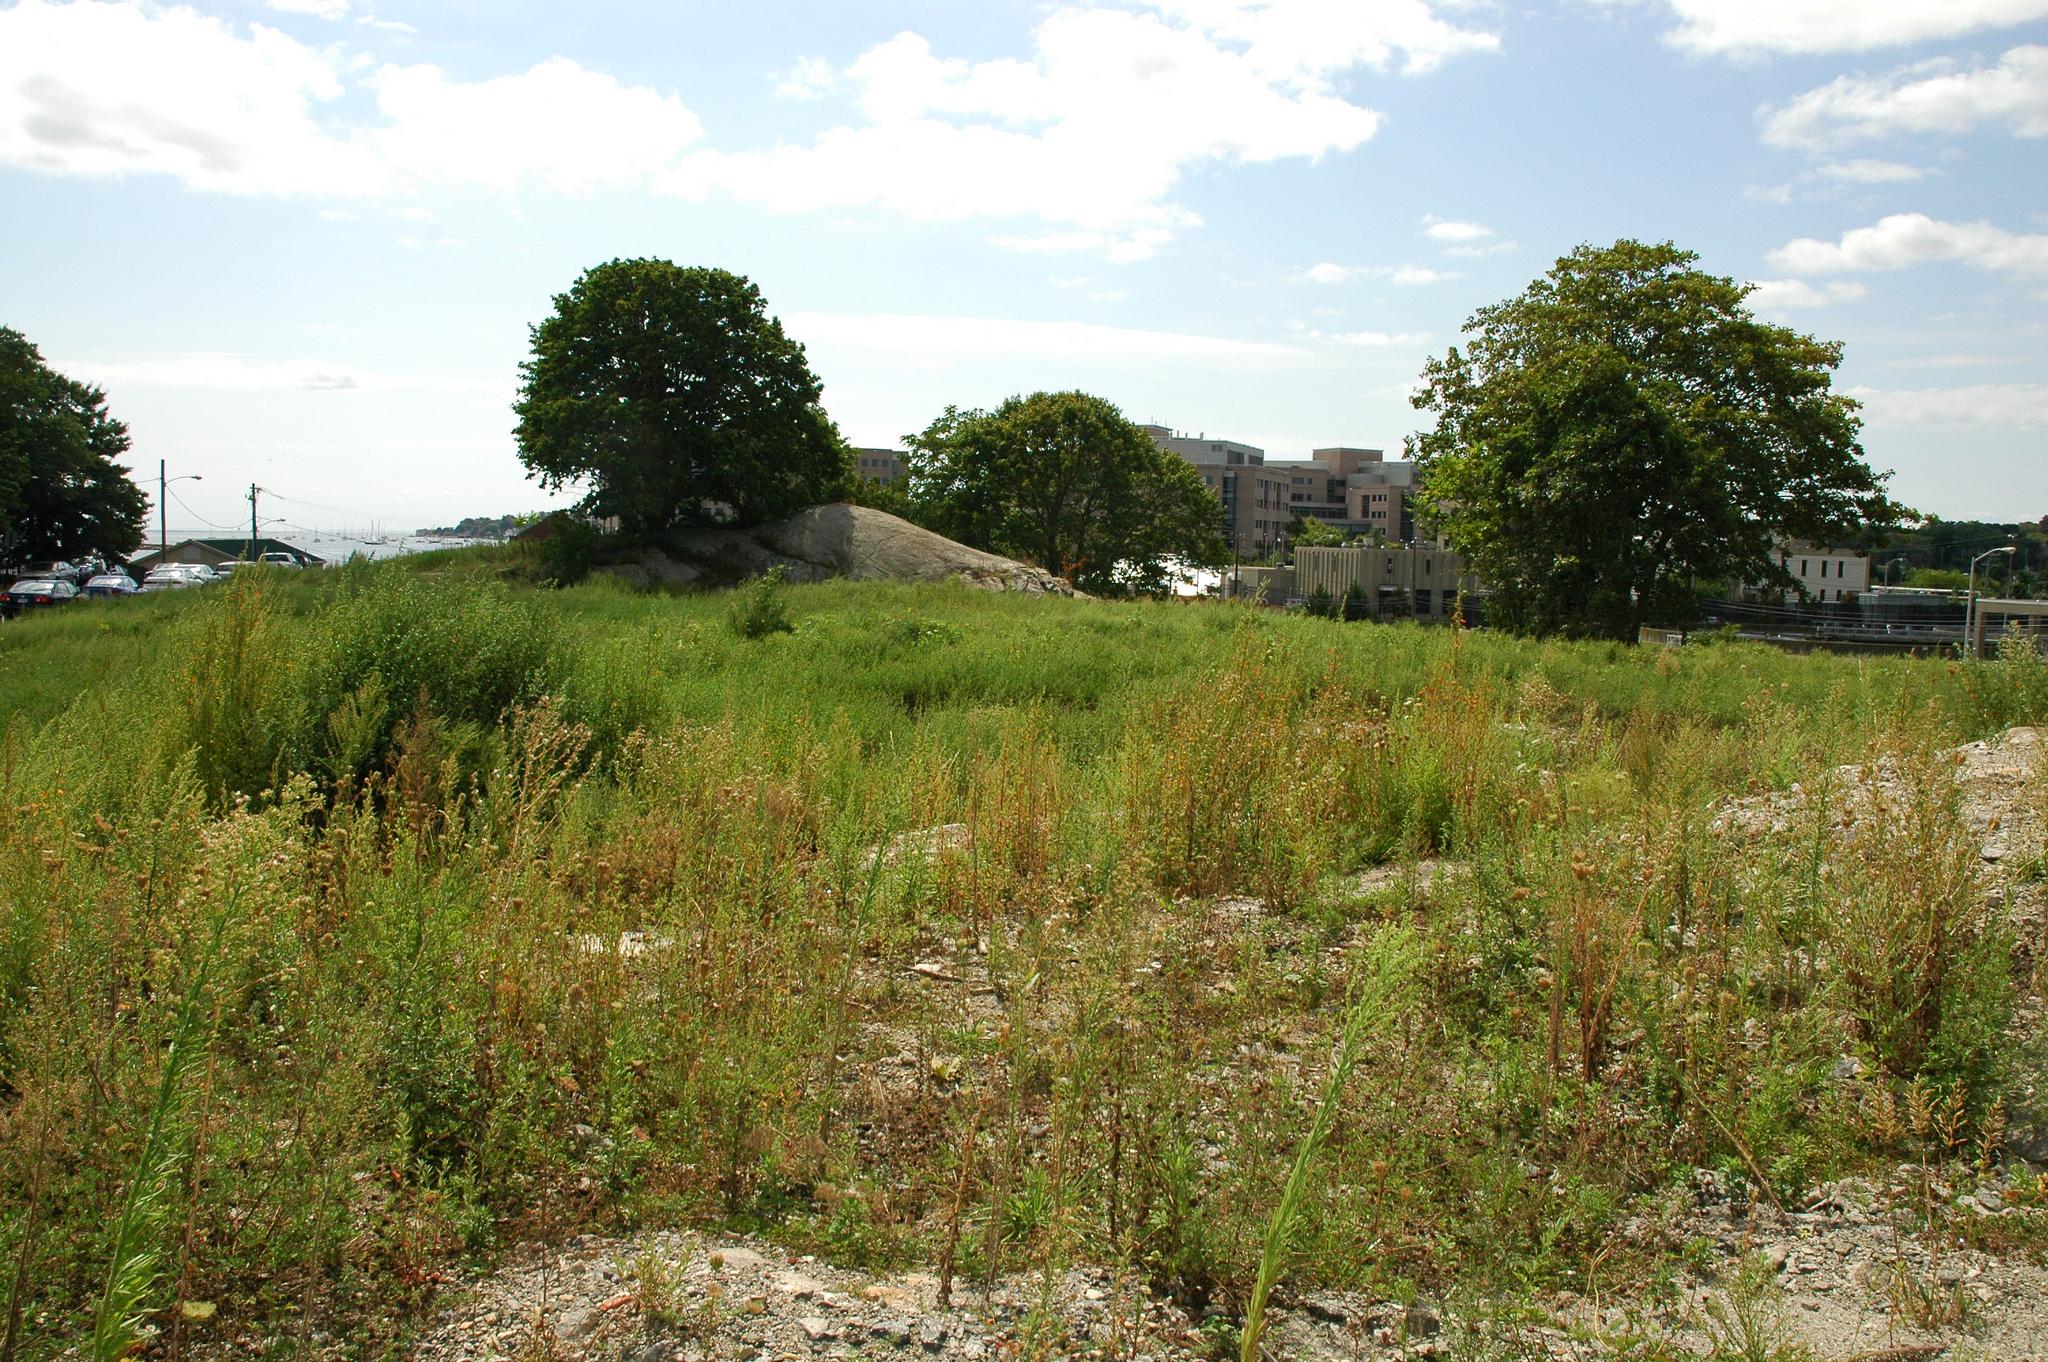 Este seria parte do jardim de Susette Kelo, em estado de abandono após ter sido desapropriado pelo município. Foto: drs @ Flickr